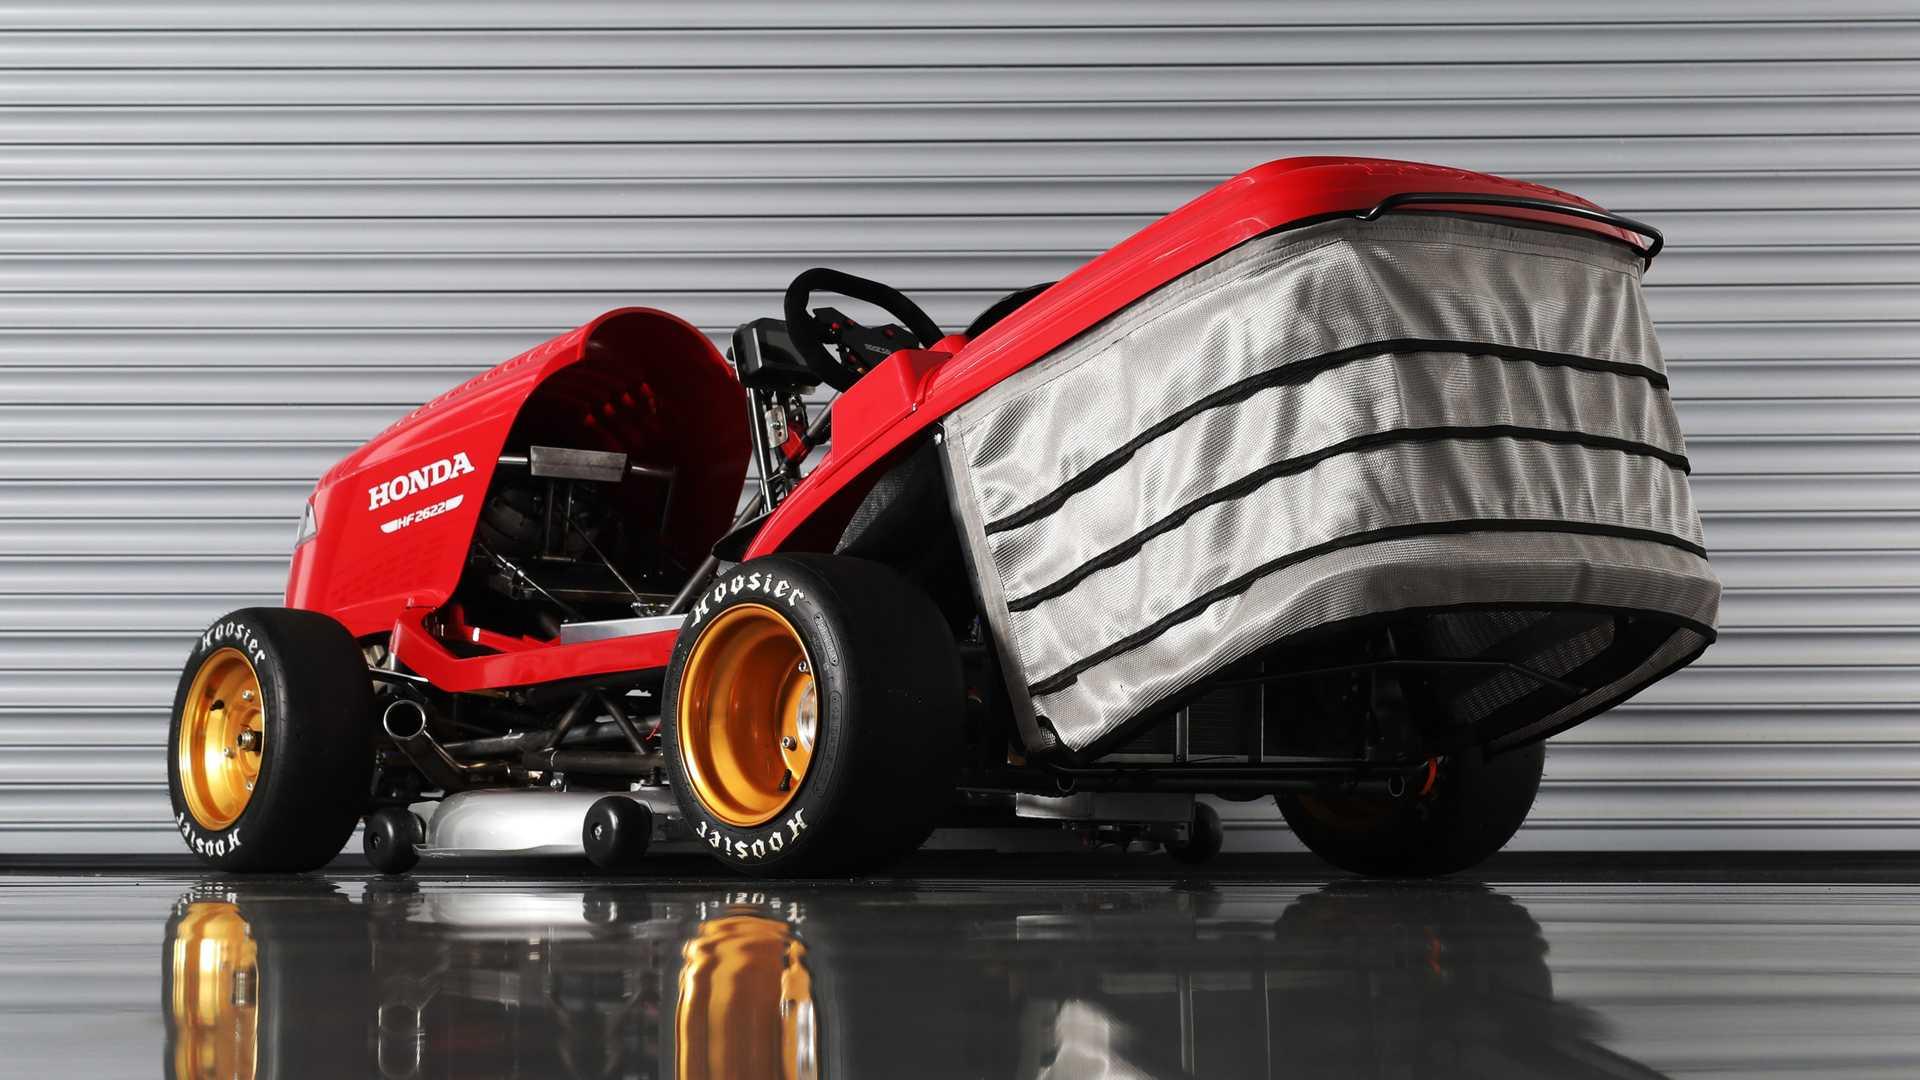 honda-lawn-mower-7